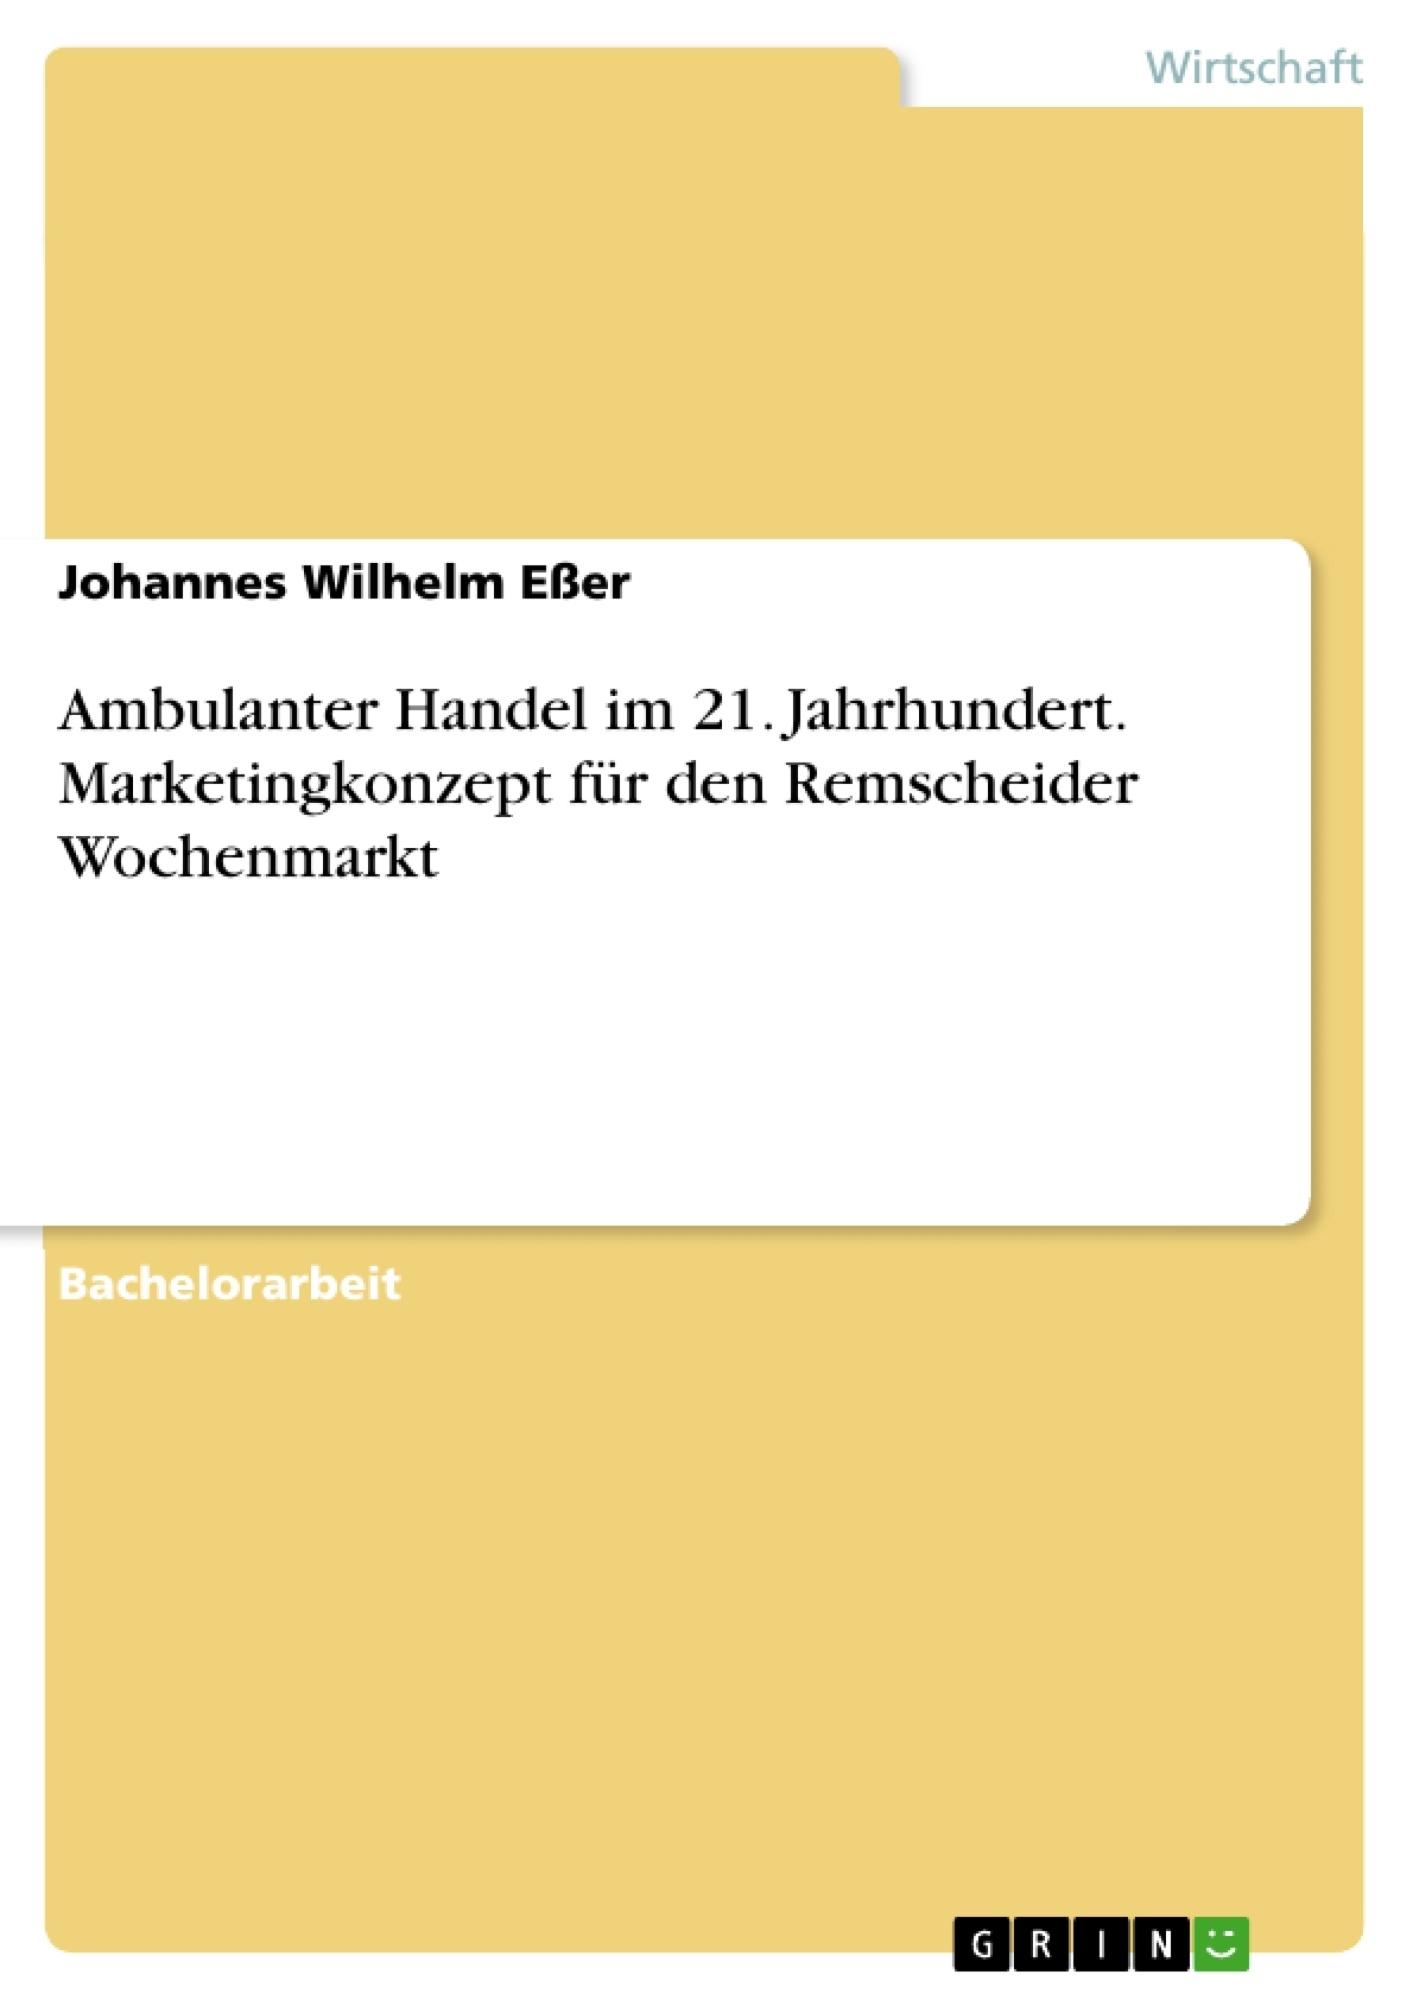 Titel: Ambulanter Handel im 21. Jahrhundert. Marketingkonzept für den Remscheider Wochenmarkt